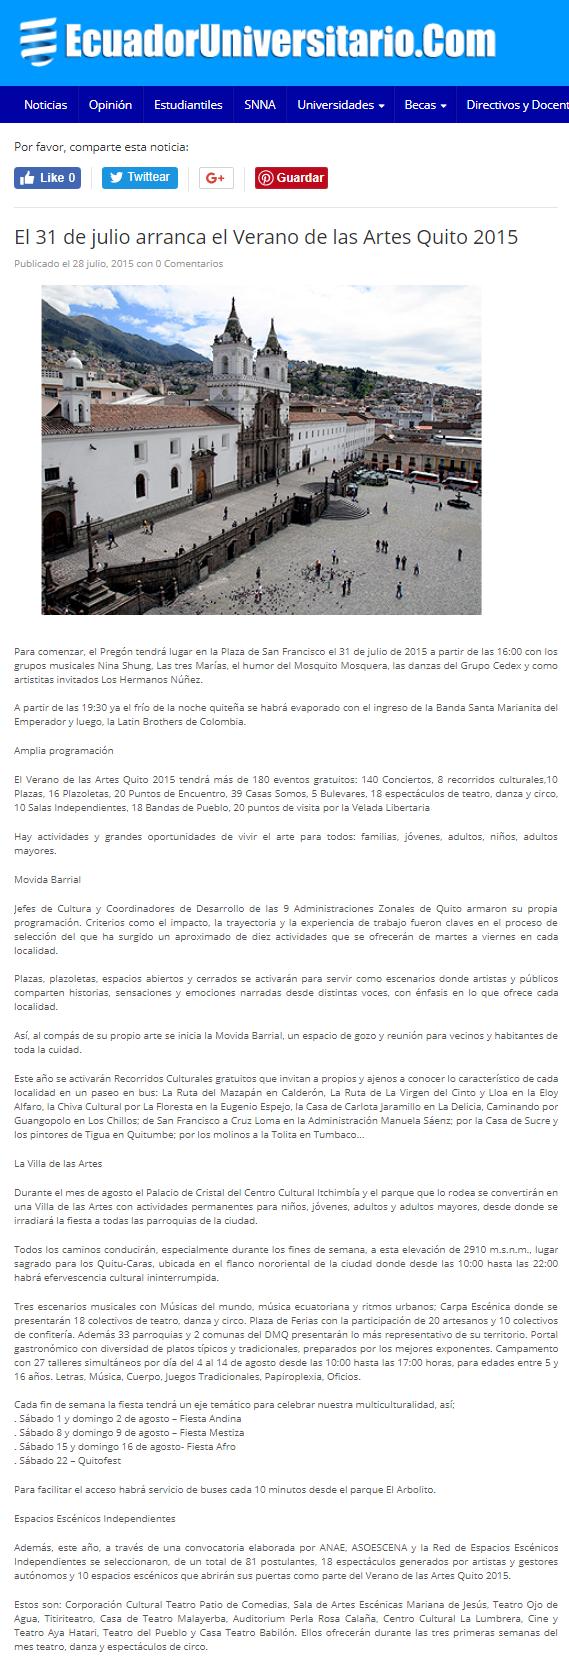 2015 07 28 - Ecuador Universitario - El 31 de julio arranca el Verano de las Artes Quito 2015 _ PORTADA WEB.png